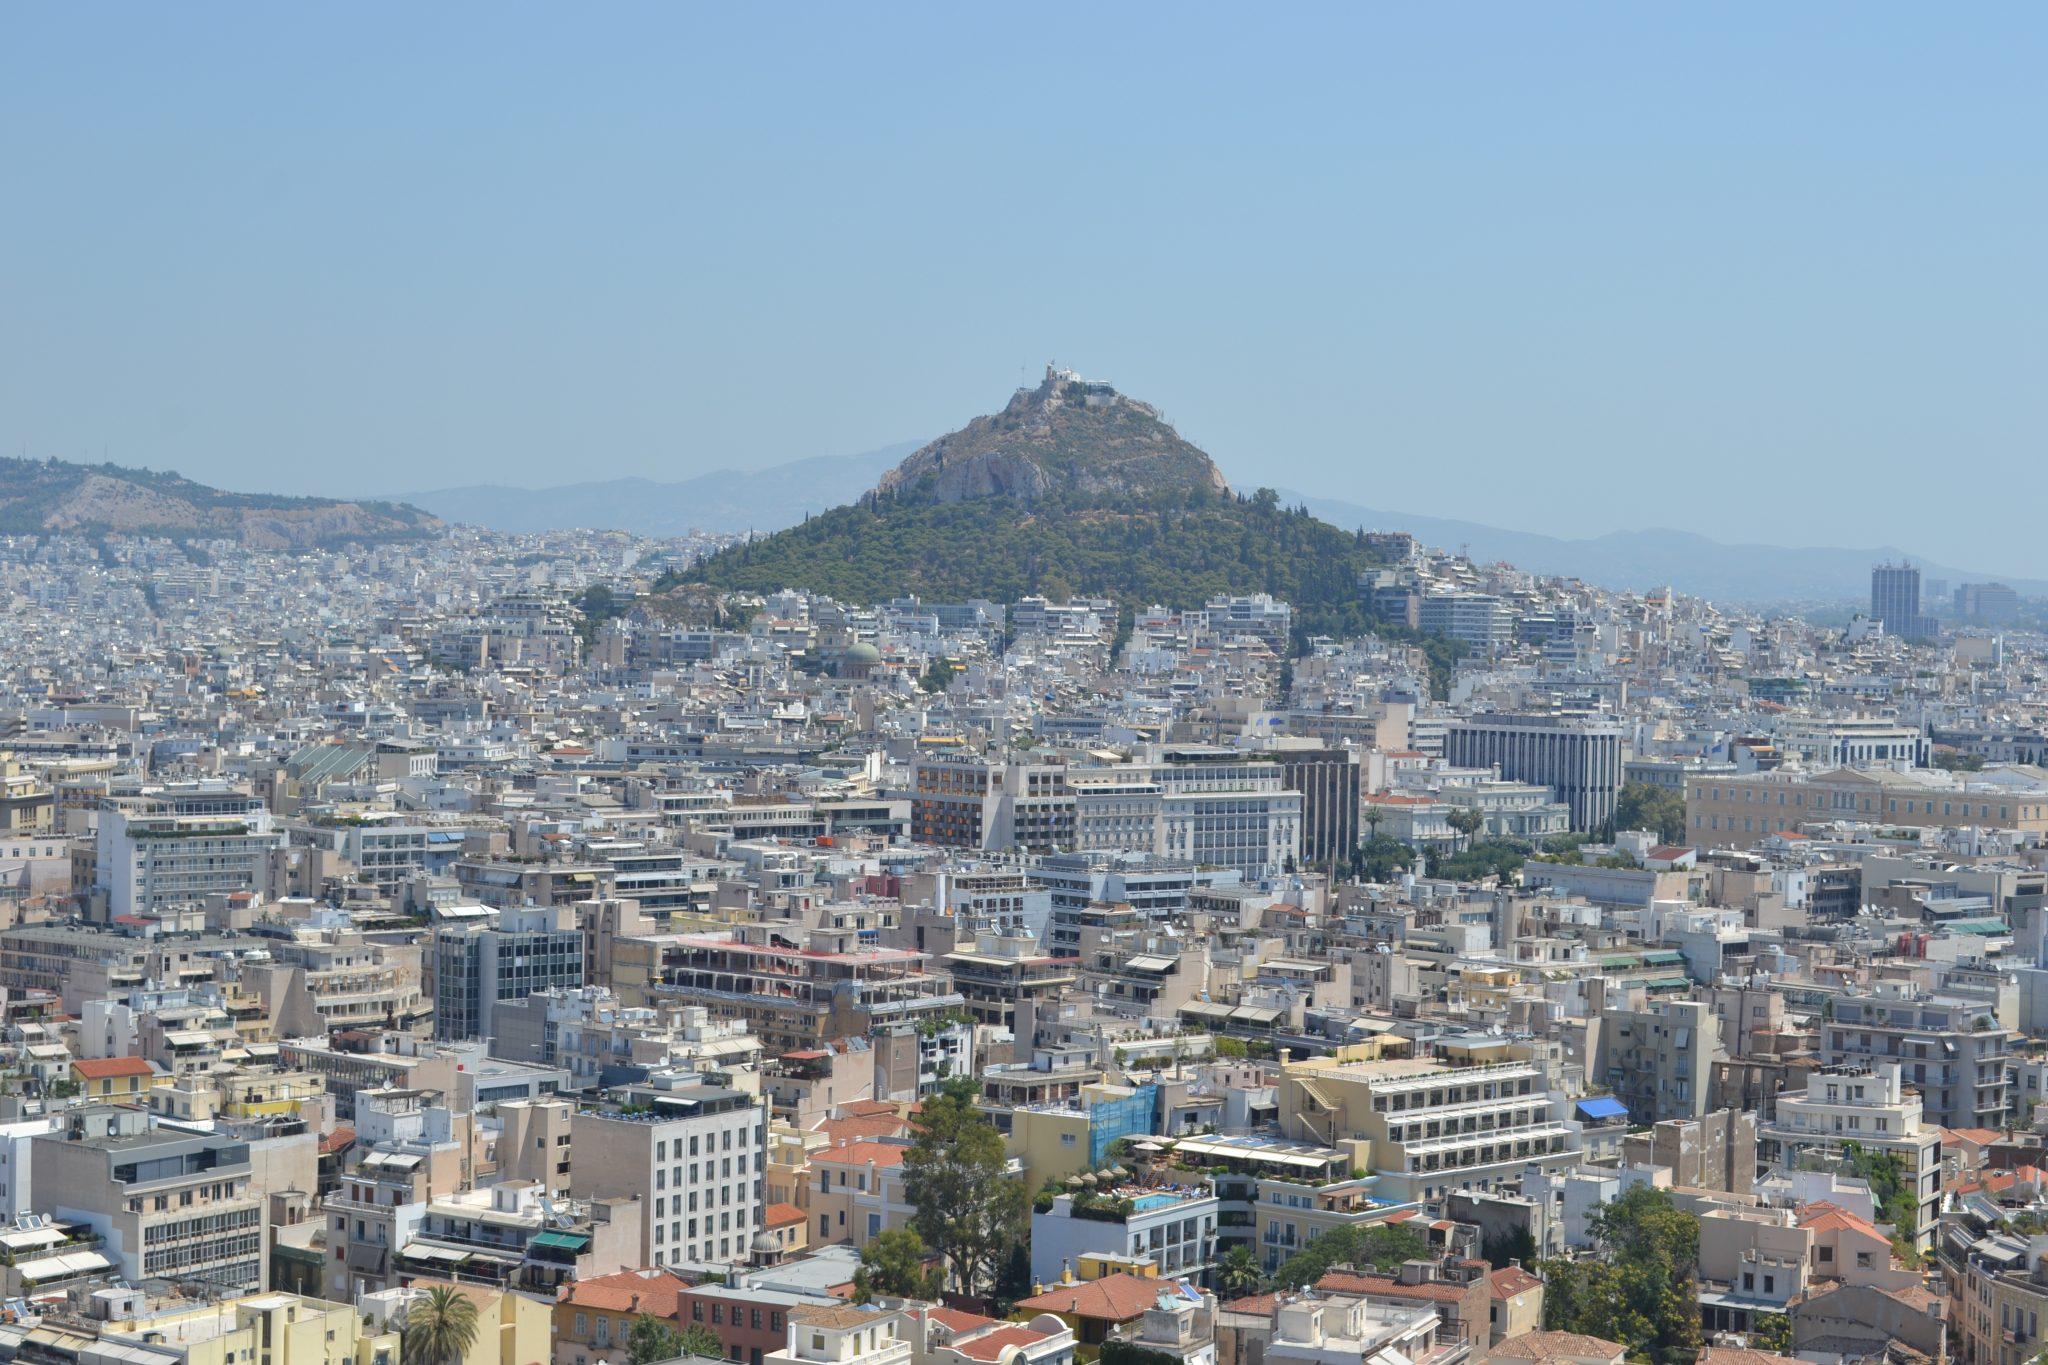 Semester abroad #13: 5 Tipps für die Praktikumssuche im Ausland